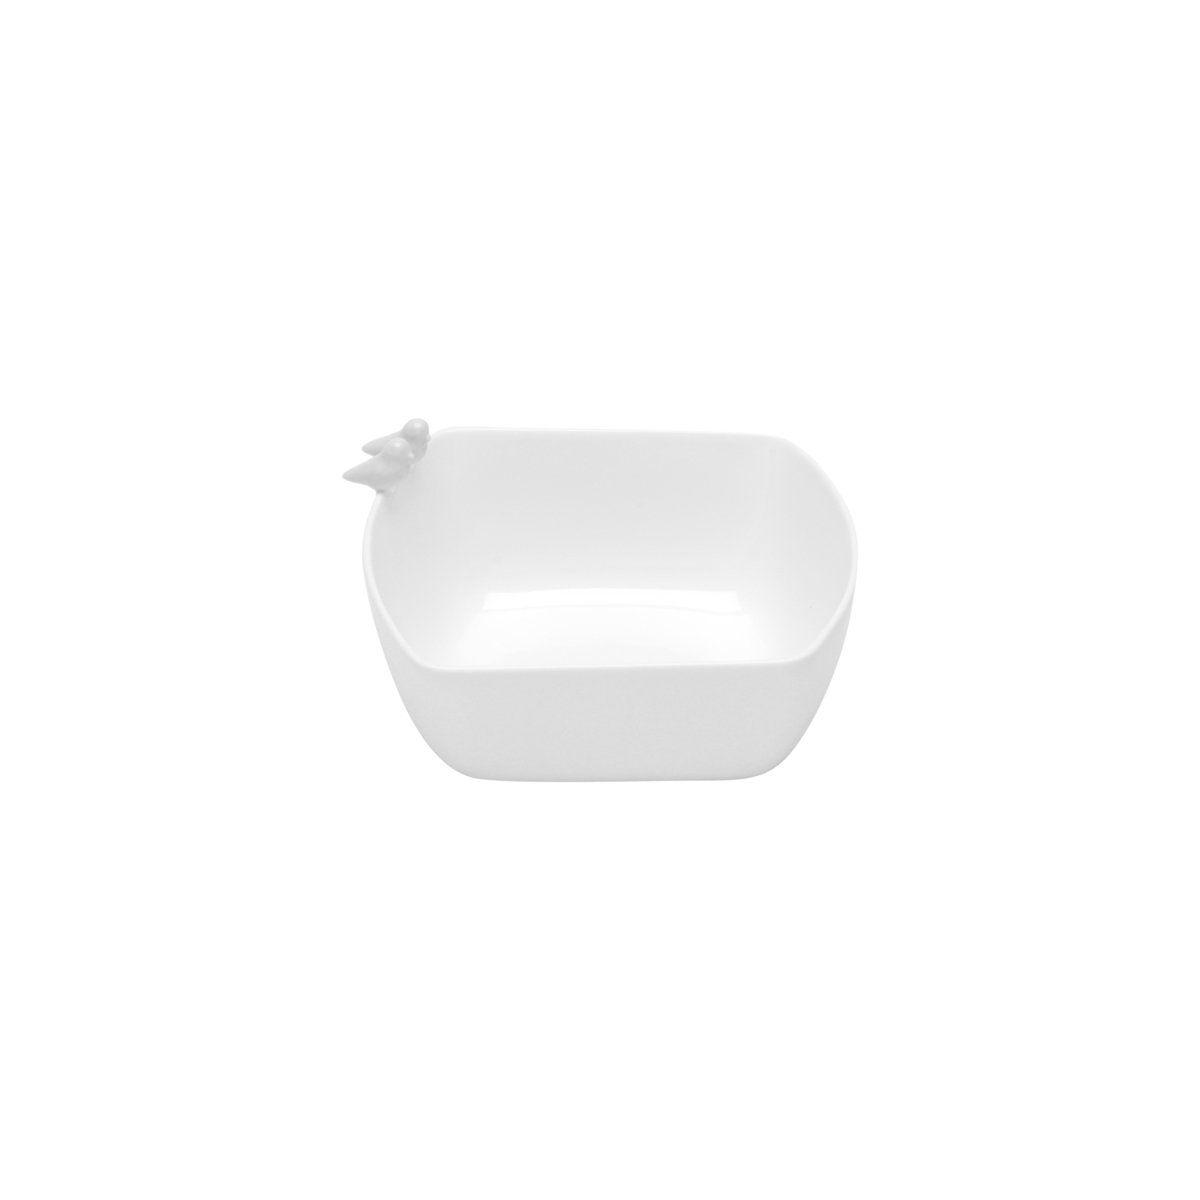 Bowl 16,5 x 15 cm de porcelana branca Birds Wolff - 17303